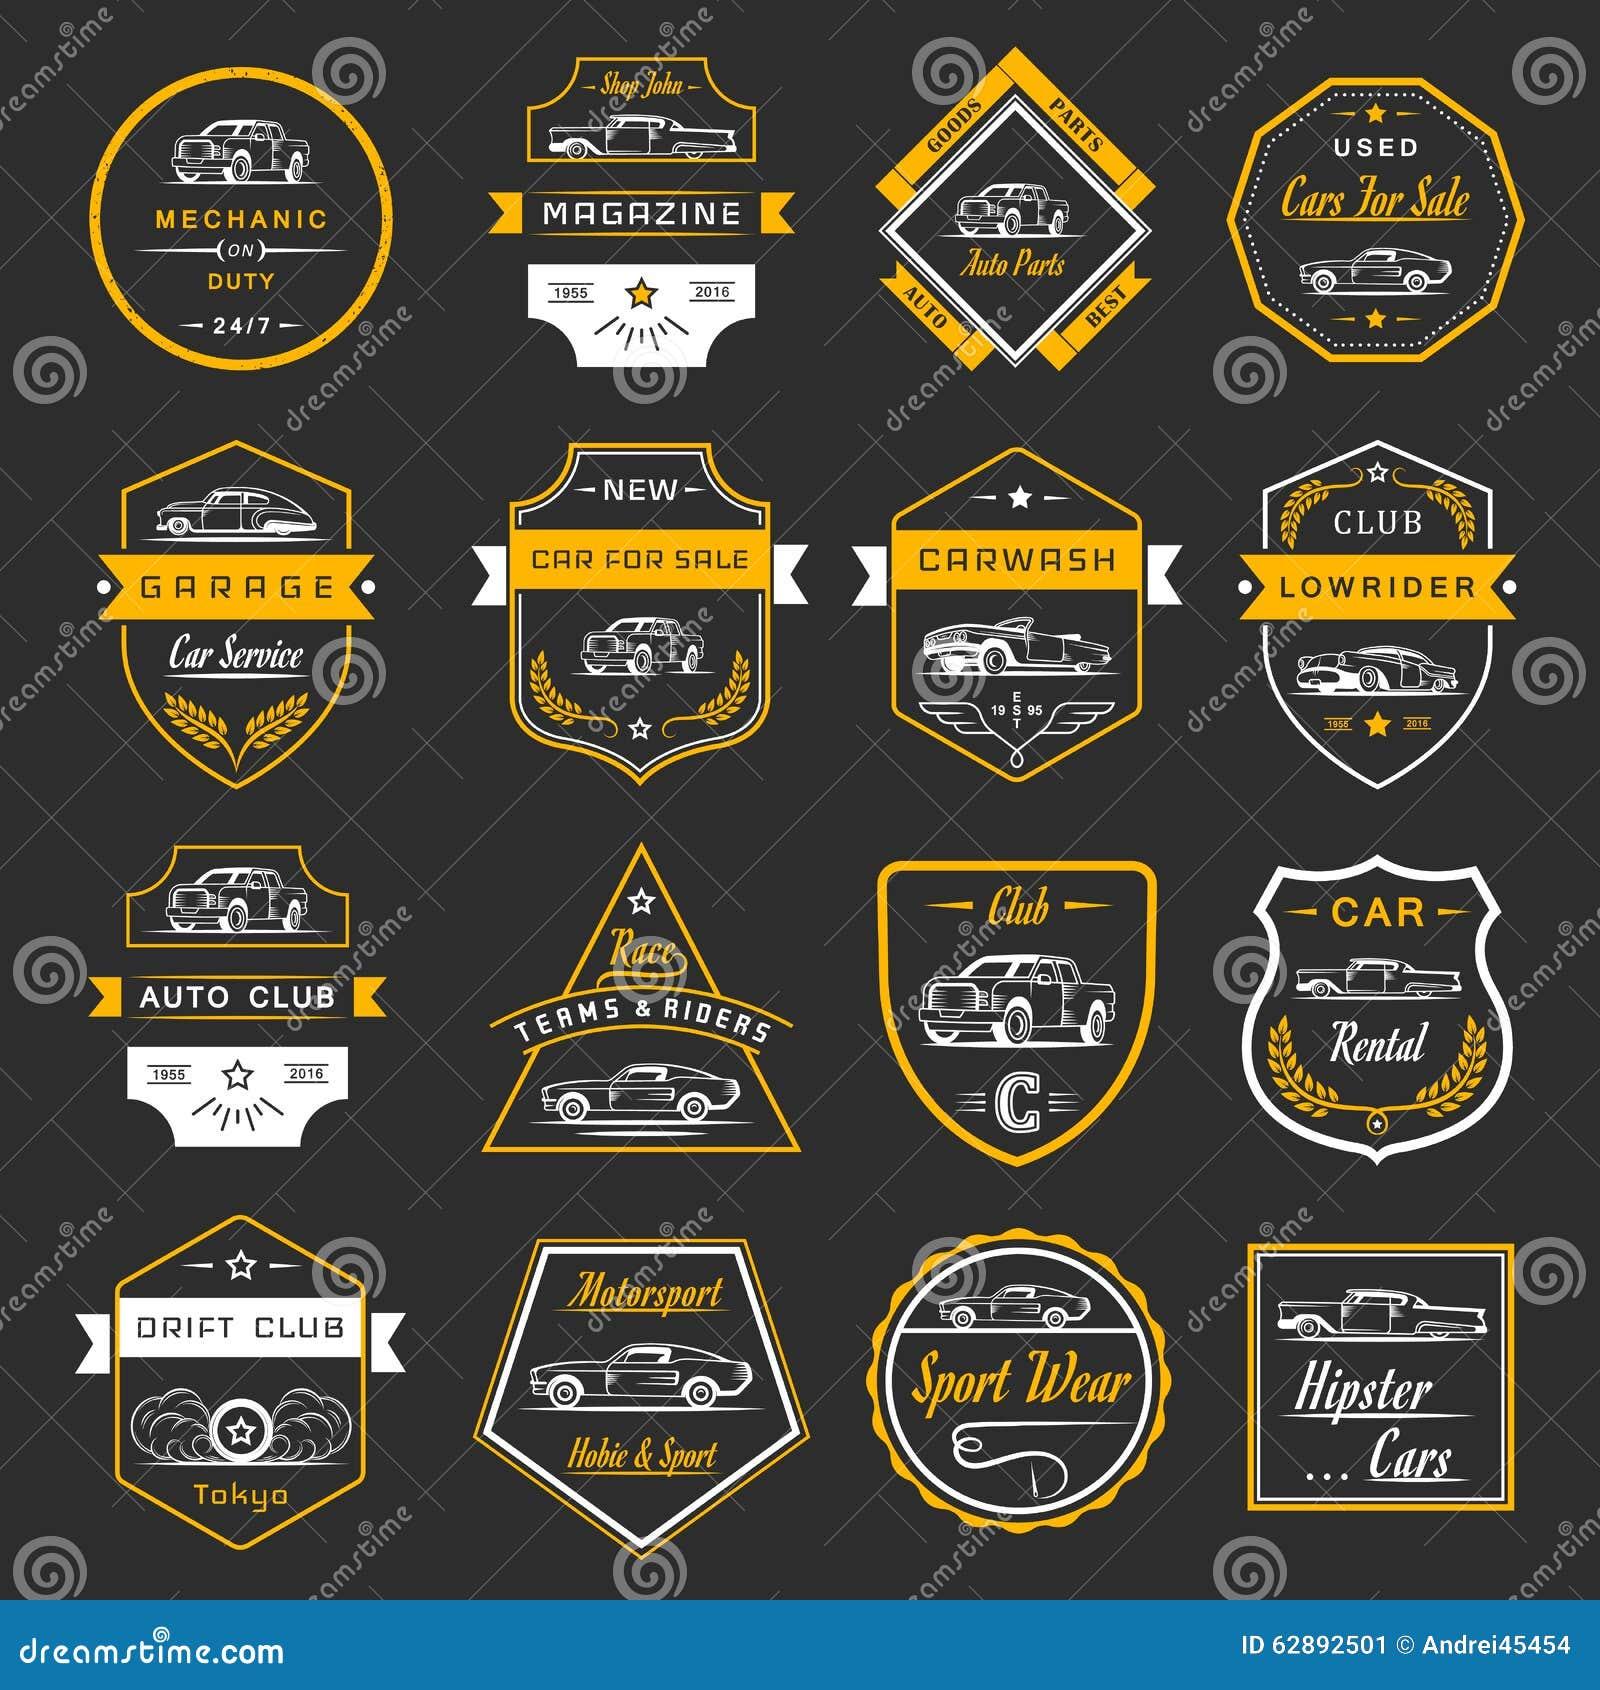 Design car club logo - Vector Set Of Vintage Car Badges And Sign